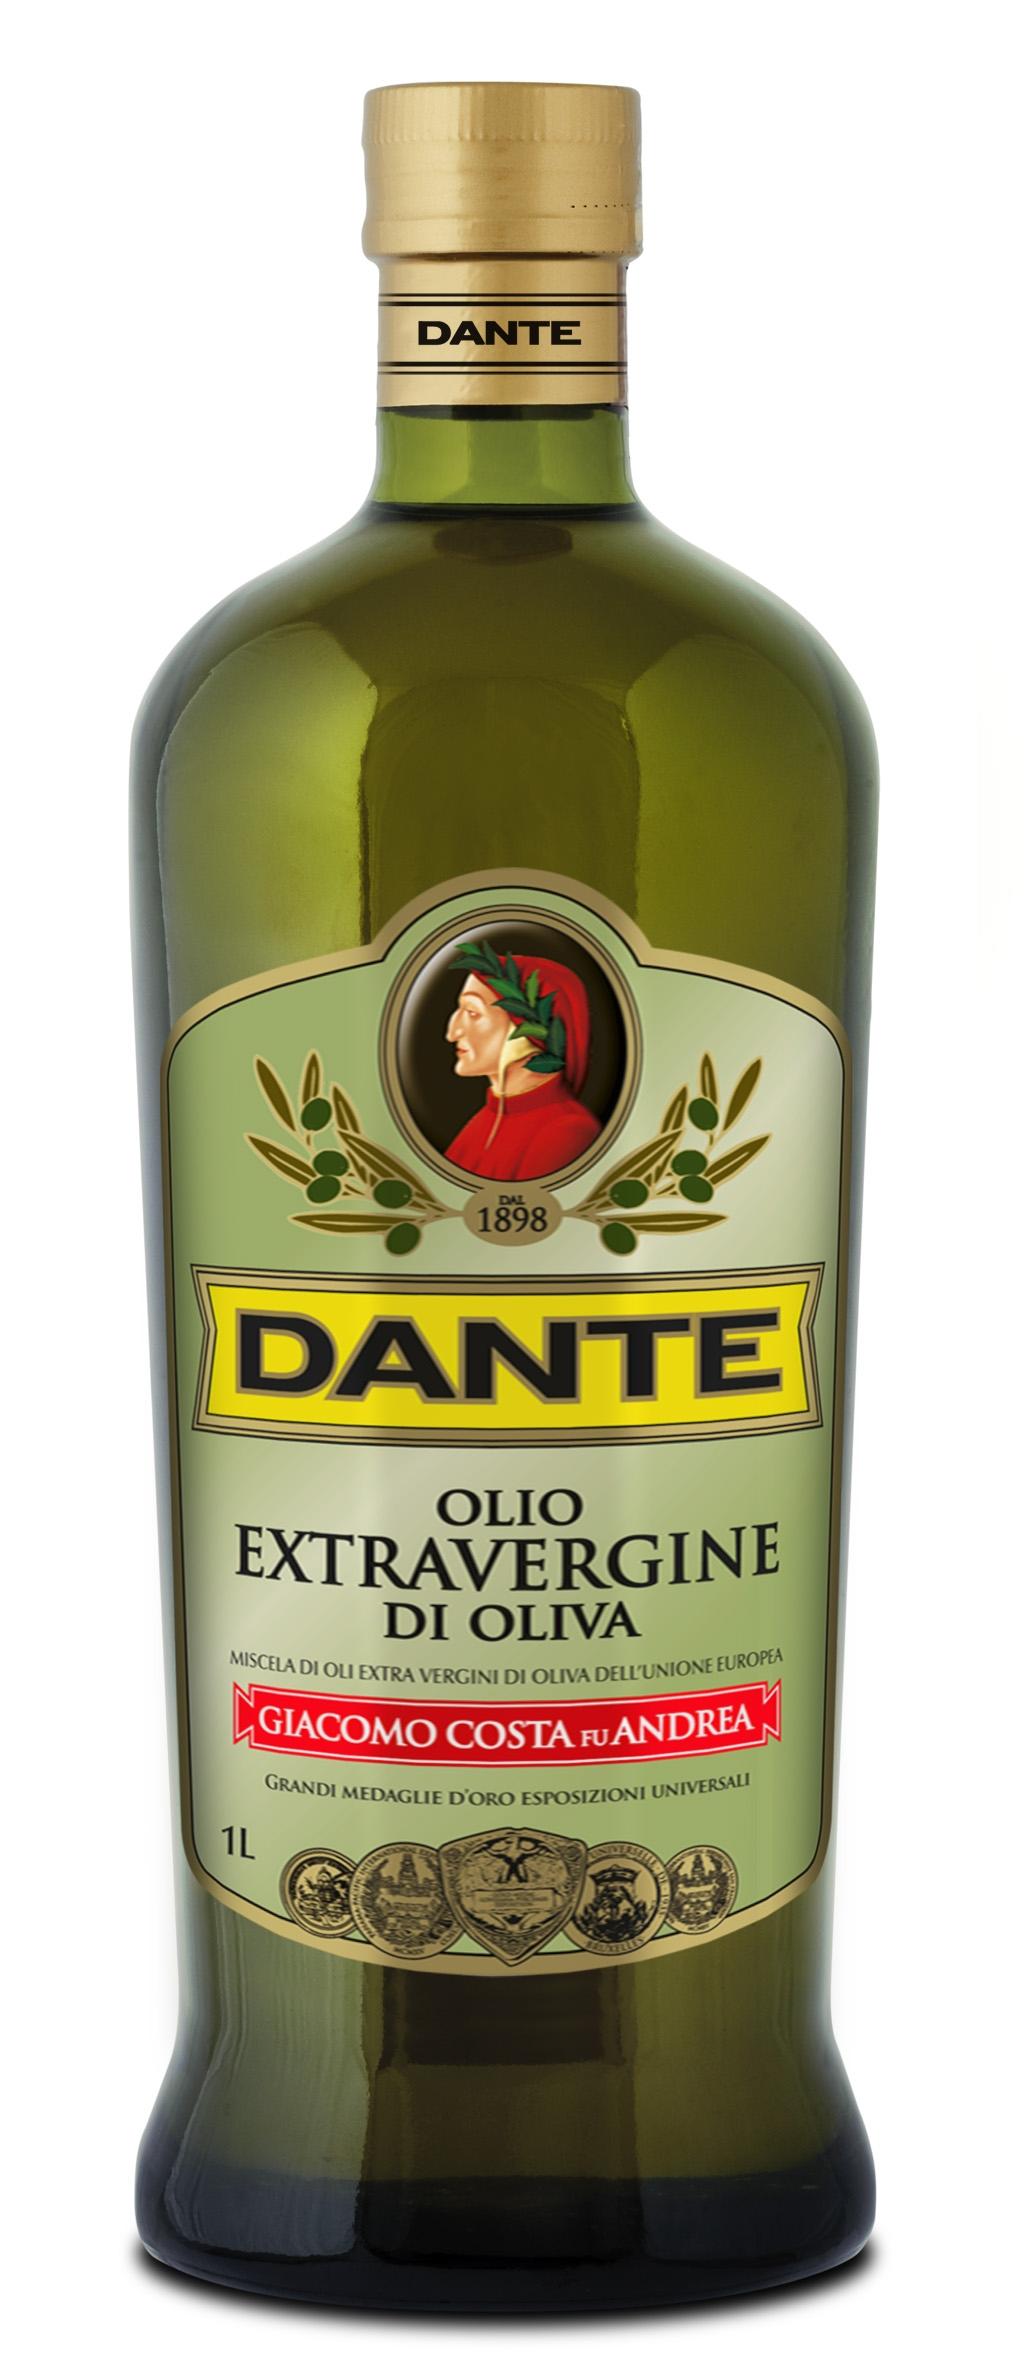 OLIO EXTRAVERGINE DANTE LT1